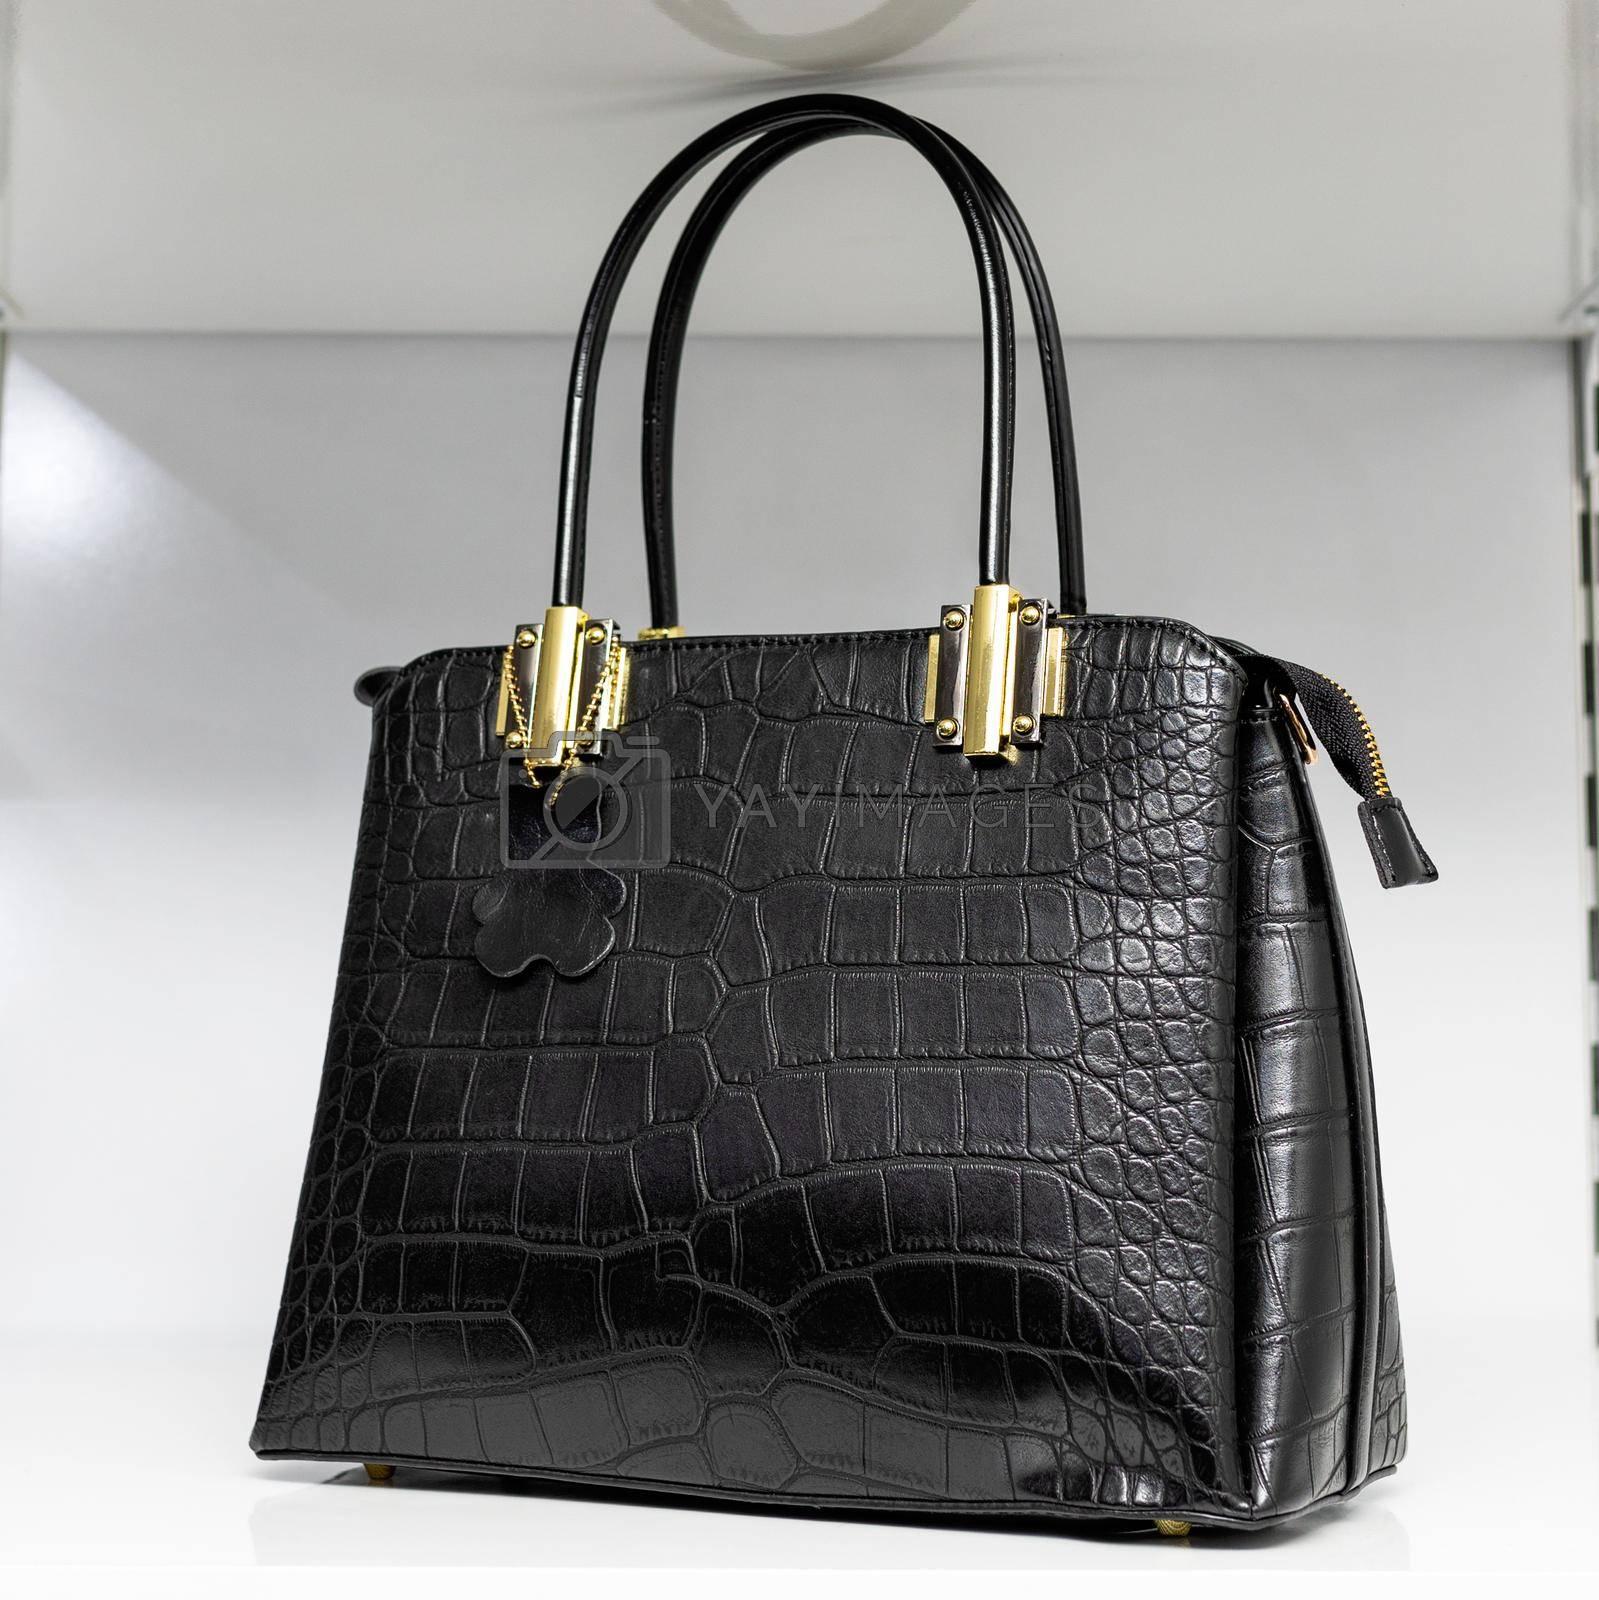 Beautiful woman bag close up